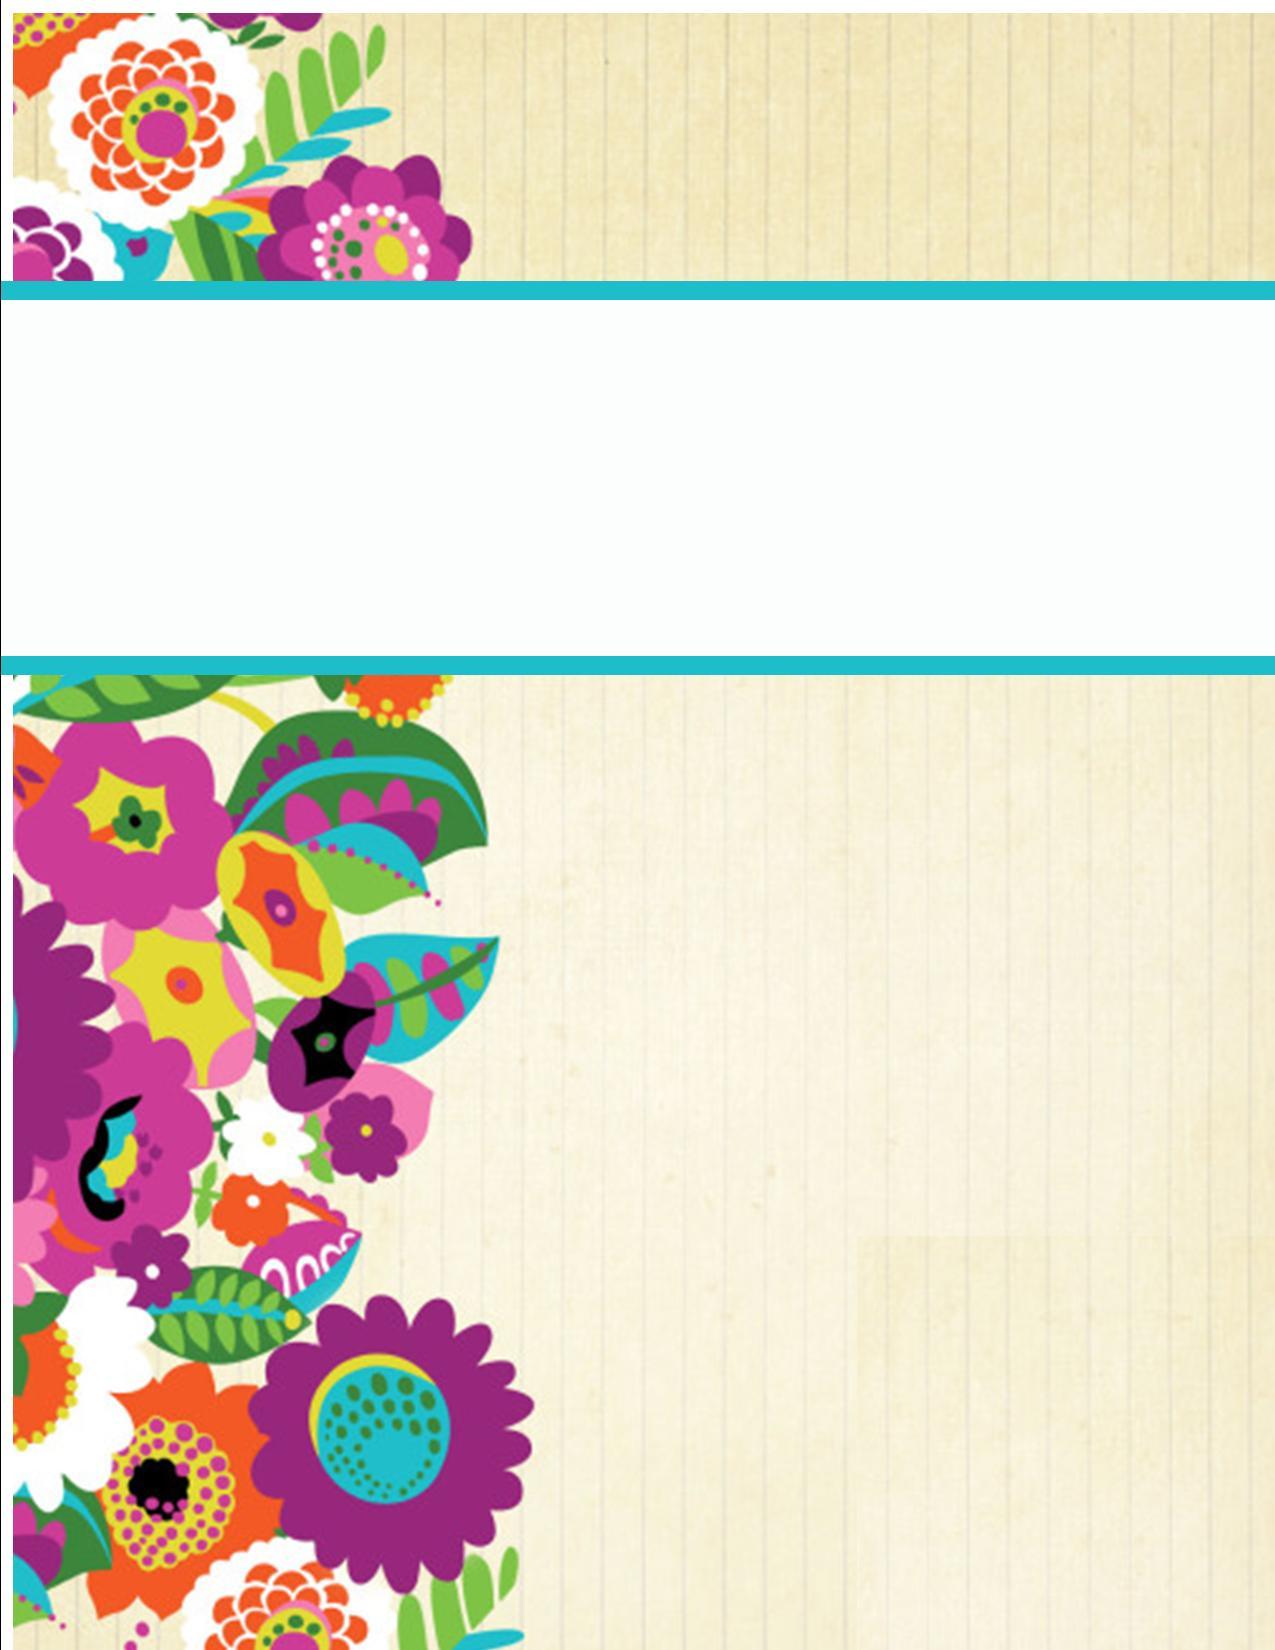 My Cute Binder Covers | Happily Hope - Free Editable Printable Binder Covers